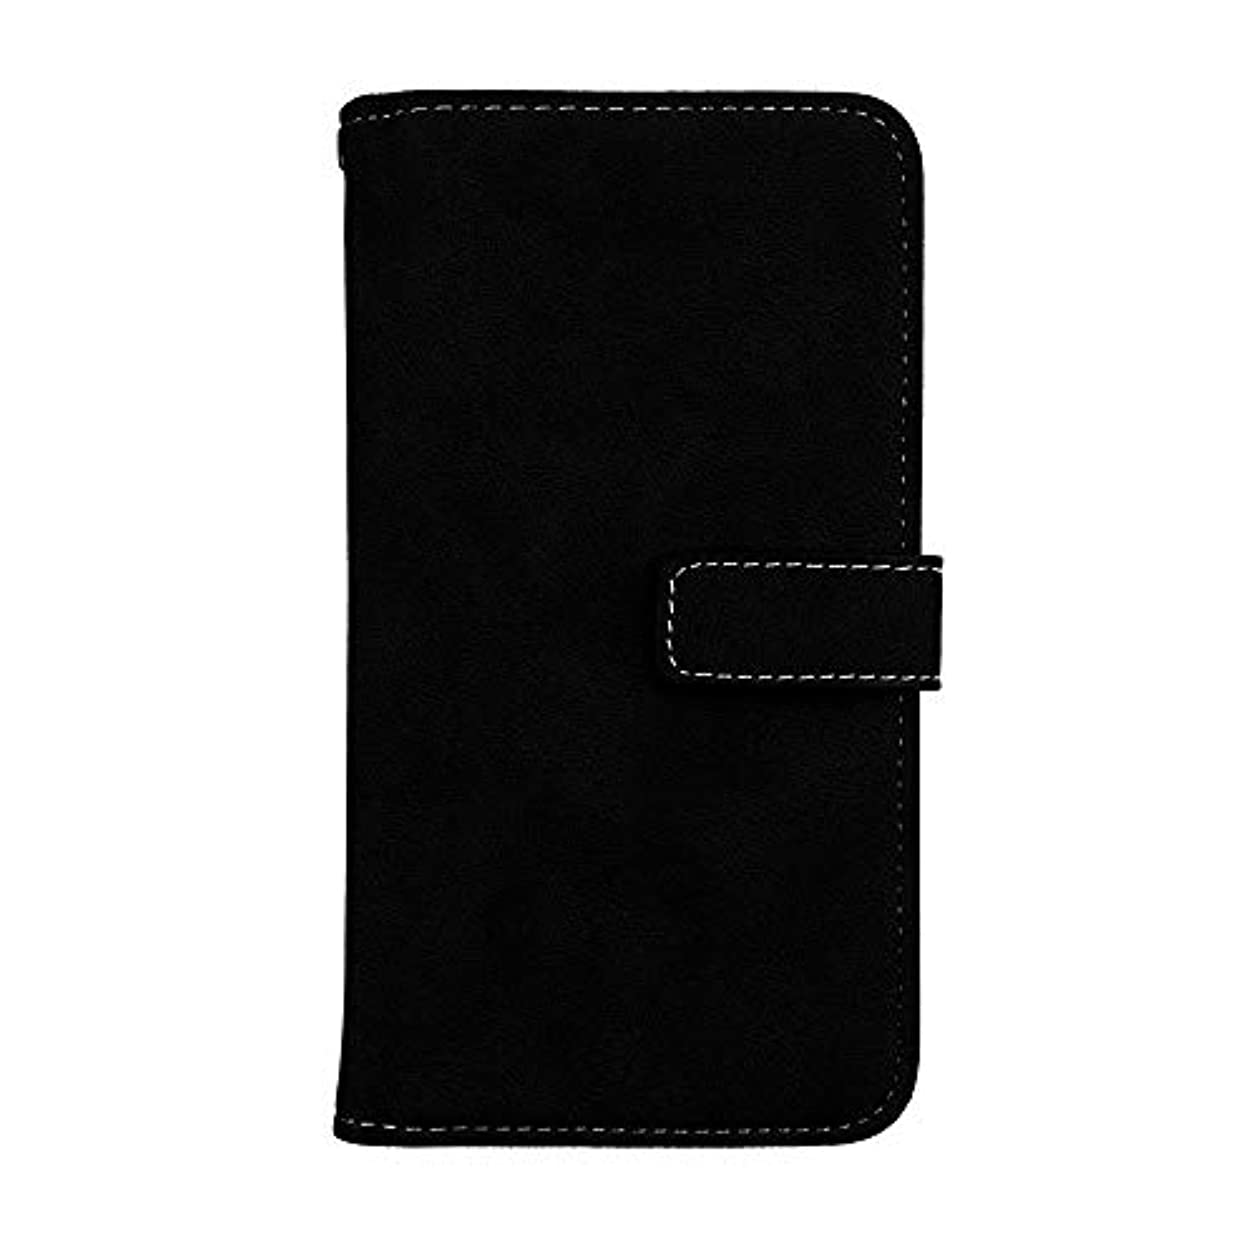 訴えるおしゃれな優しさXiaomi Redmi Note 4 高品質 マグネット ケース, CUNUS 携帯電話 ケース 軽量 柔軟 高品質 耐摩擦 カード収納 カバー Xiaomi Redmi Note 4 用, ブラック